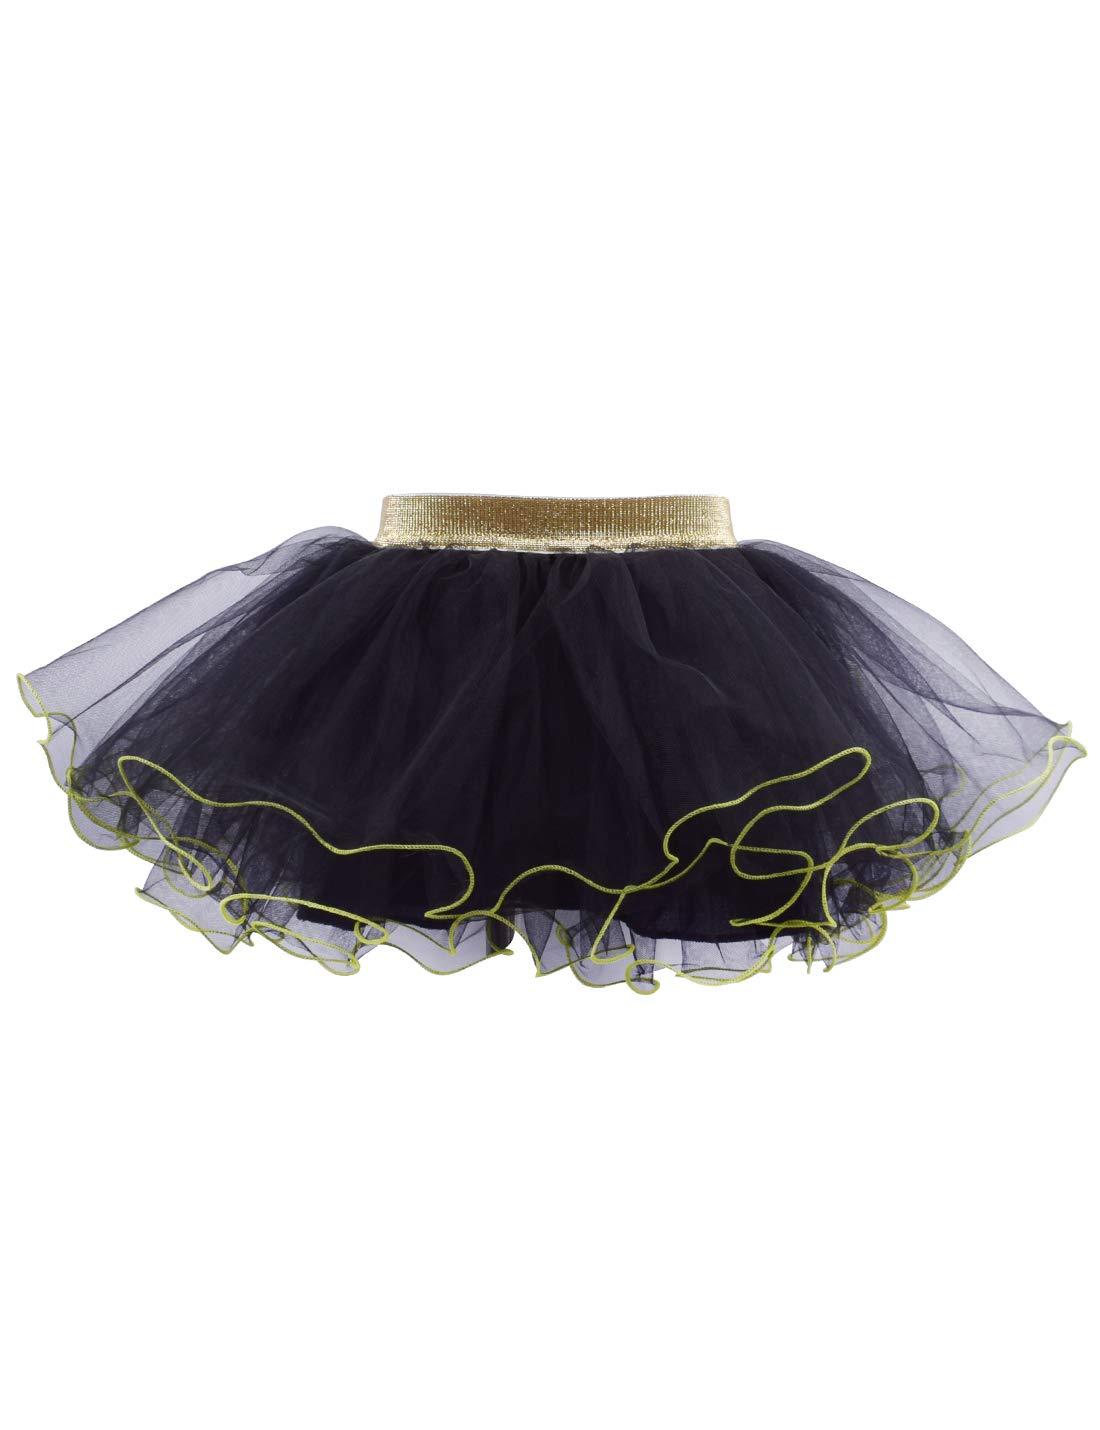 Baby Girls Tutu Skirt 4-Layer Fluffy Tulle Toddler Ballet Dance Party Pettiskirt 2-4T